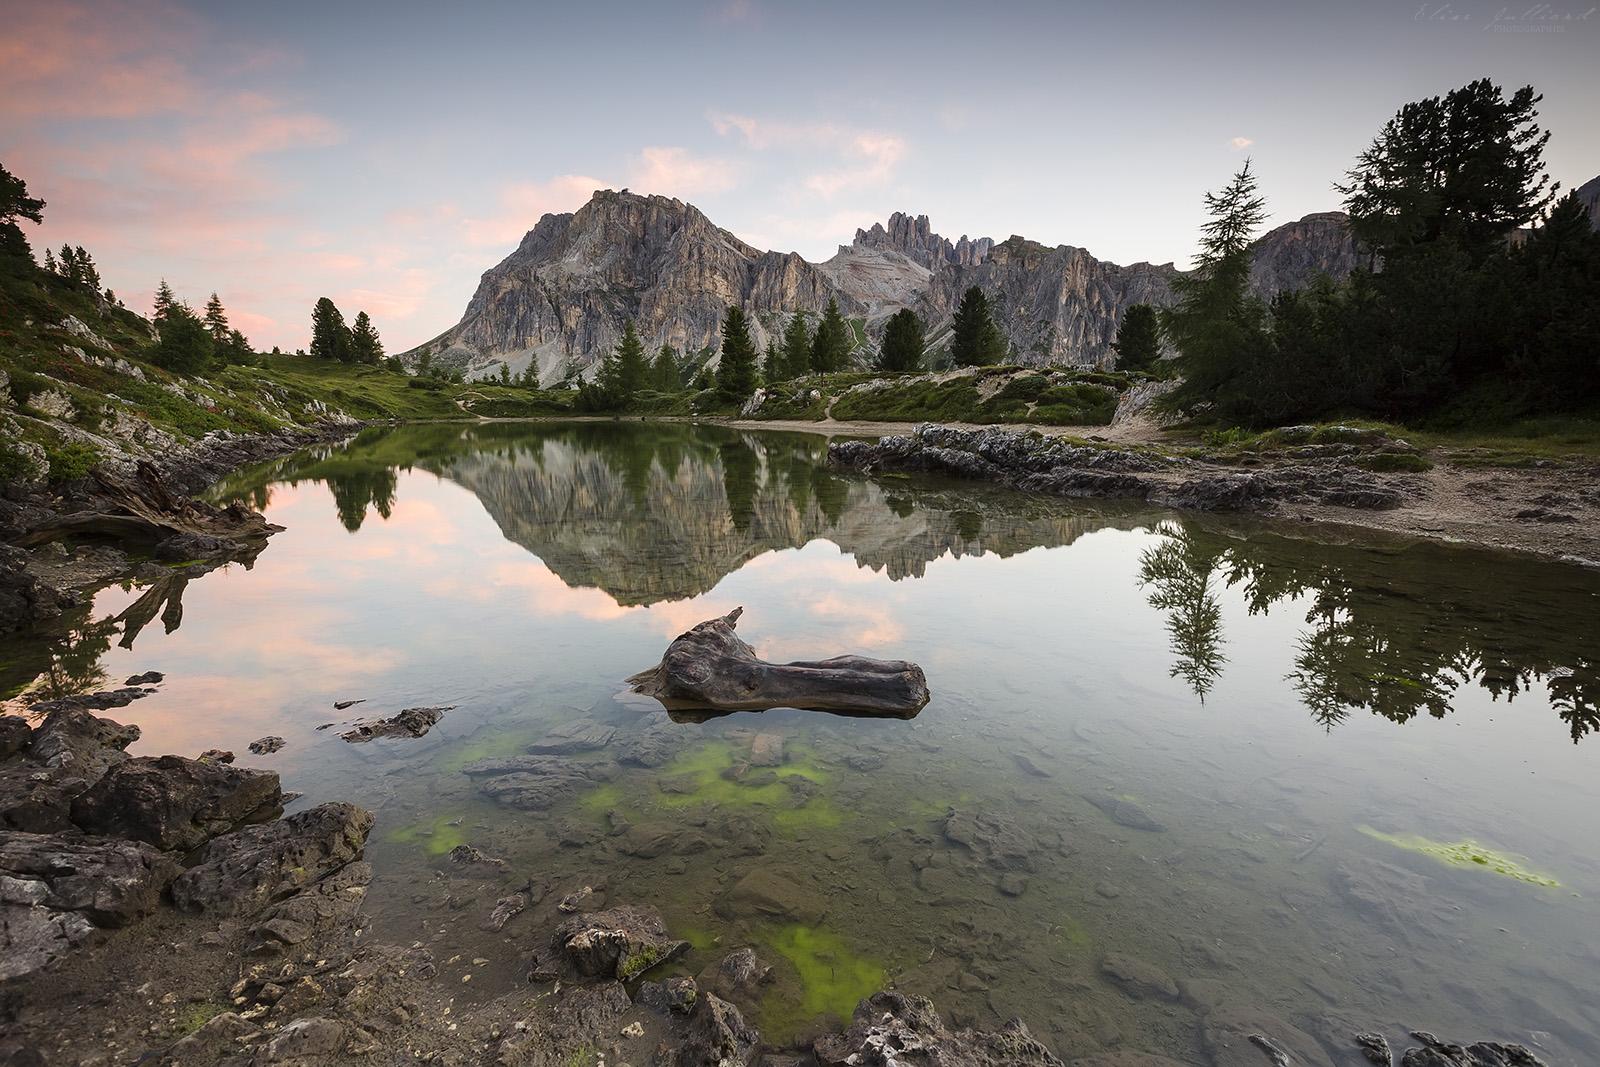 elise-julliard-photographe-lyon-france-montagne-dolomites-dolomiti-italie-paysage-lac-limides-cortina-ampezzo